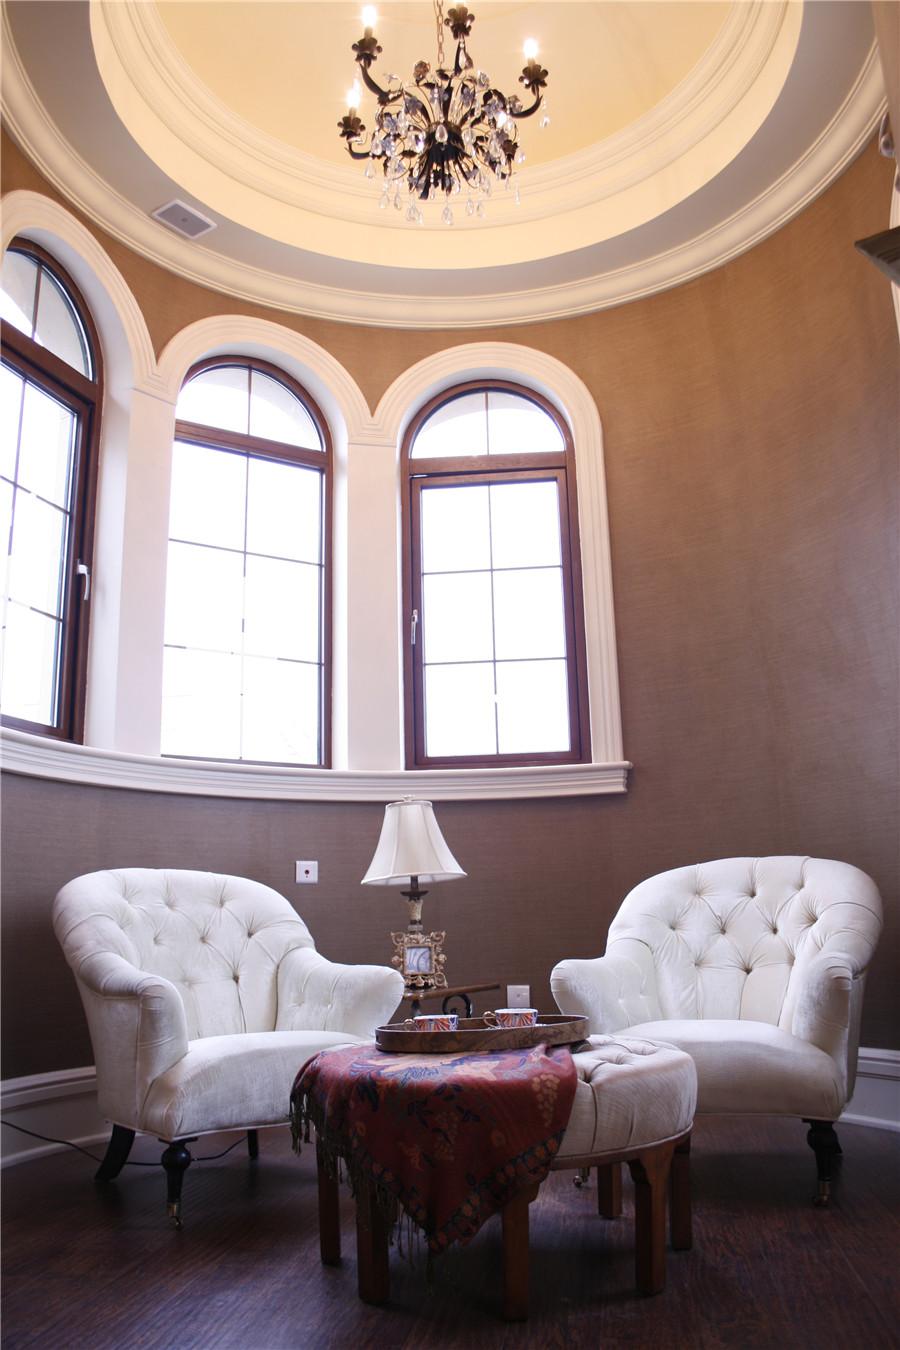 三居 二居 混搭 田园 欧式 现代 中式 新古典 美式风格 餐厅图片来自成都上舍居装饰在成都西门高端小区装修案例的分享